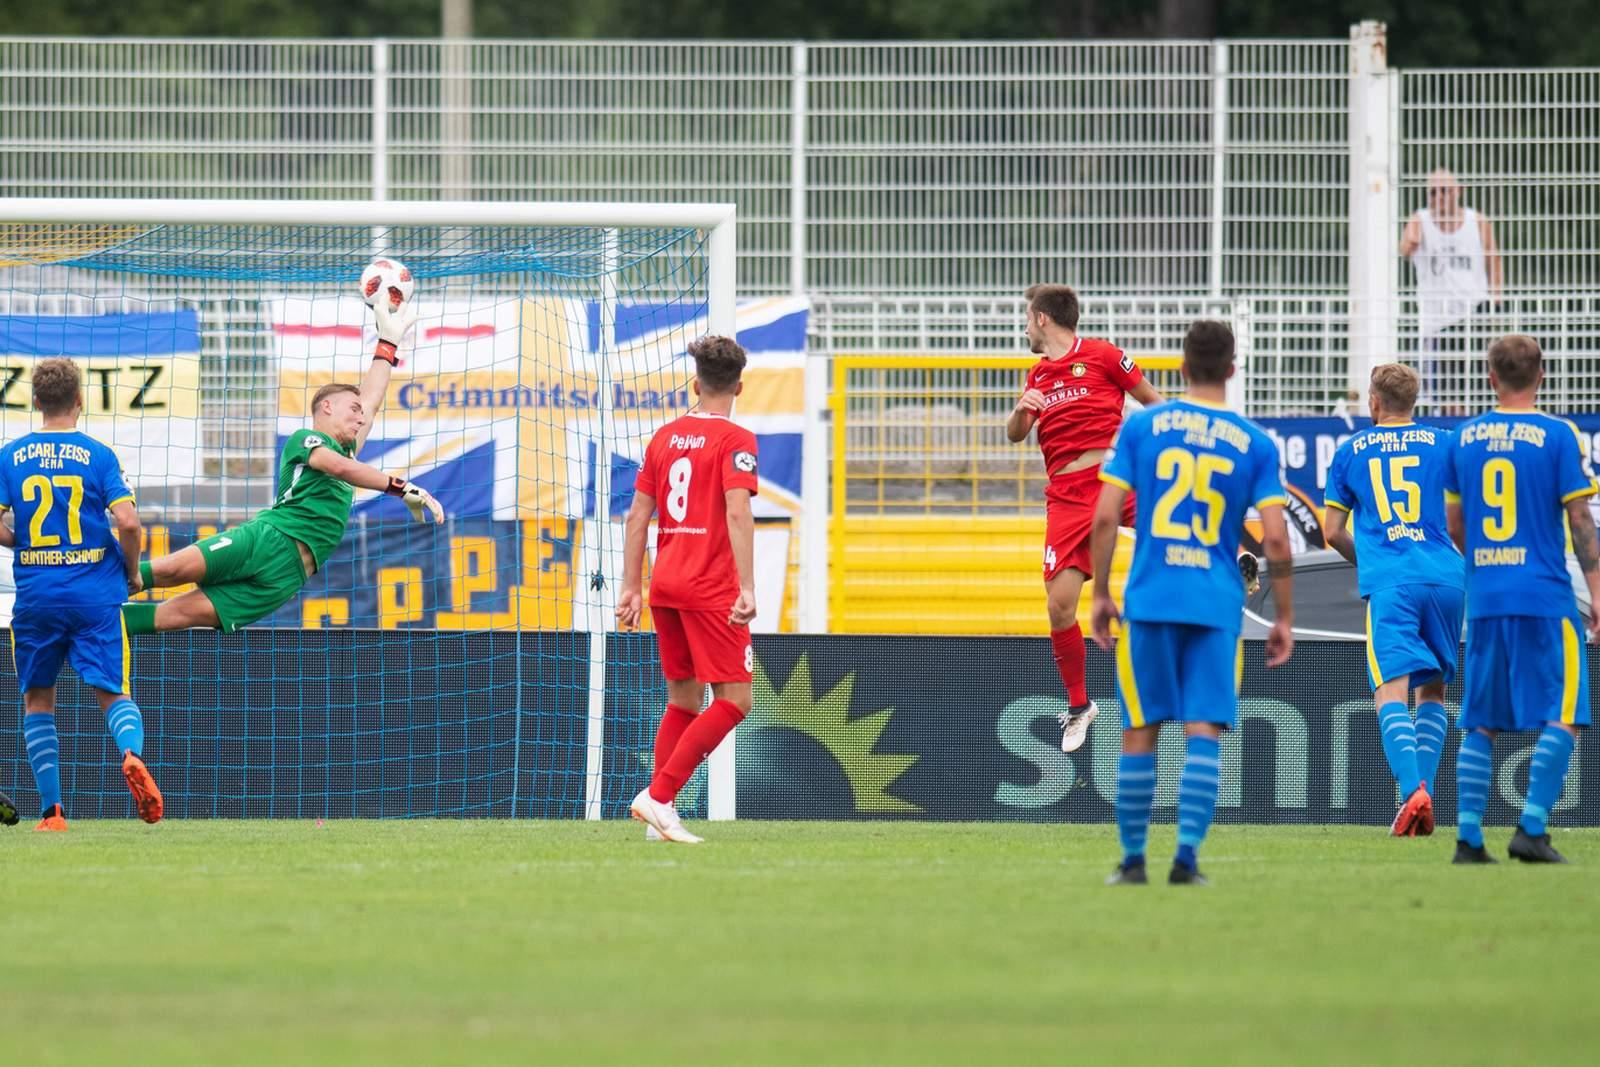 Manfred Starke erzielt per Freistoß ein Tor gegen Großaspach